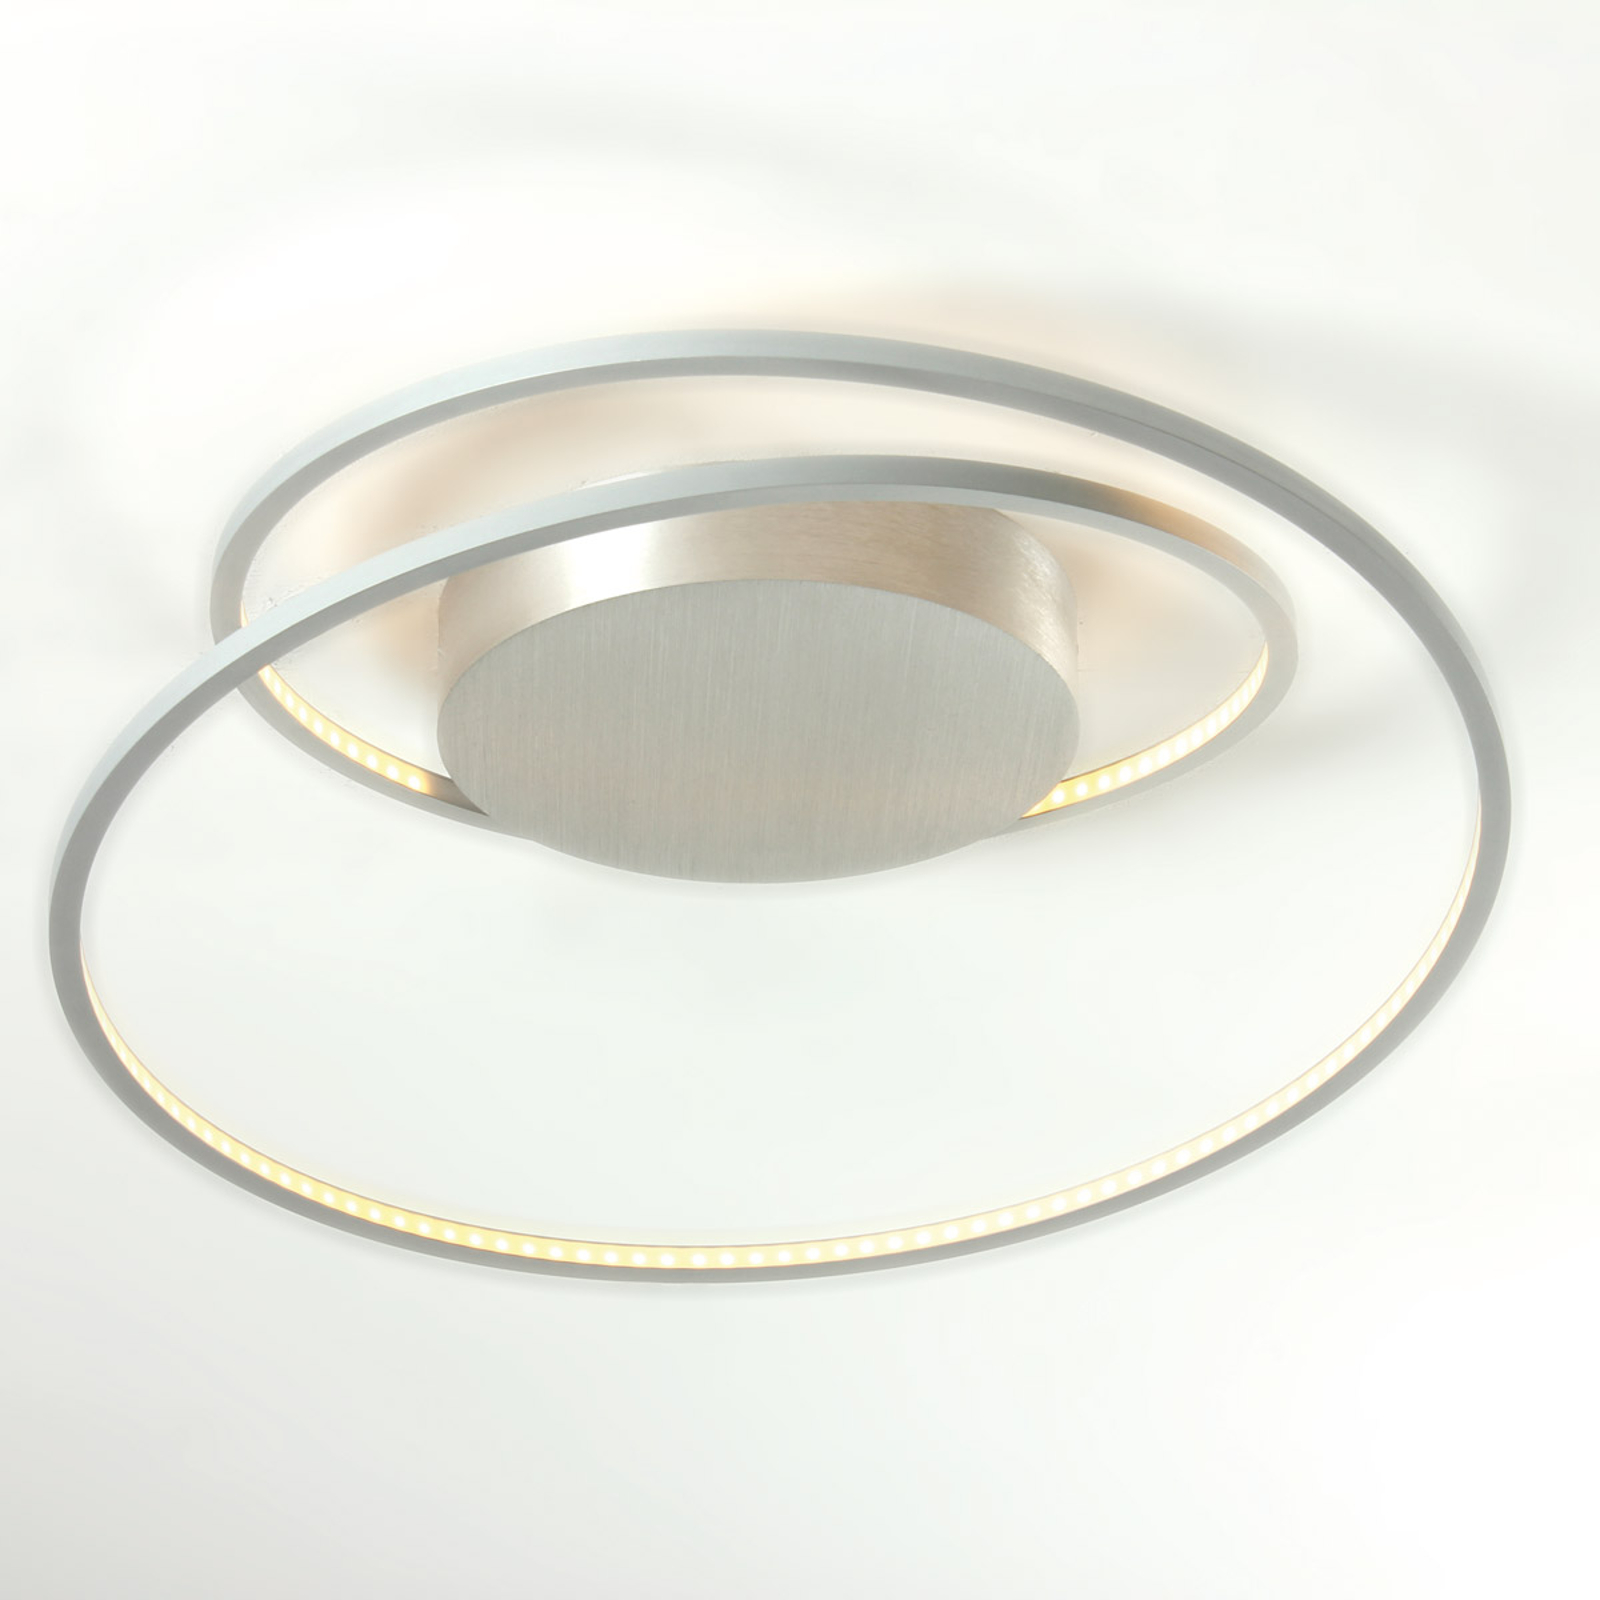 Bopp At stropné LED svetlo hliník 45cm_1556123_1